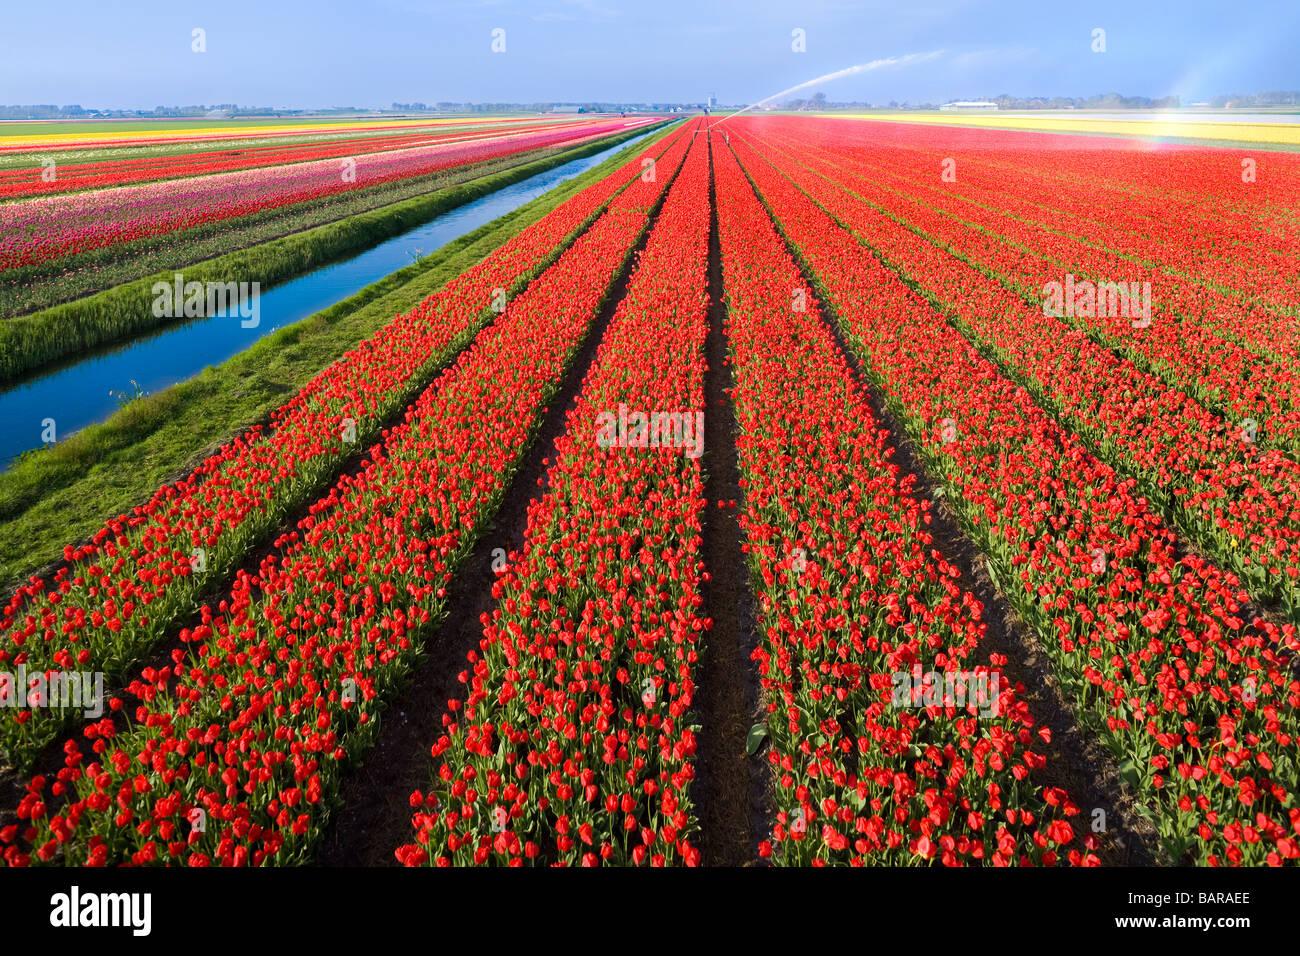 Niederländischen Tulpenfelder, Tulpen in Reihen in der Nähe von Alkmaar, Holland, Kanal und Wasser Sprinkler Stockbild